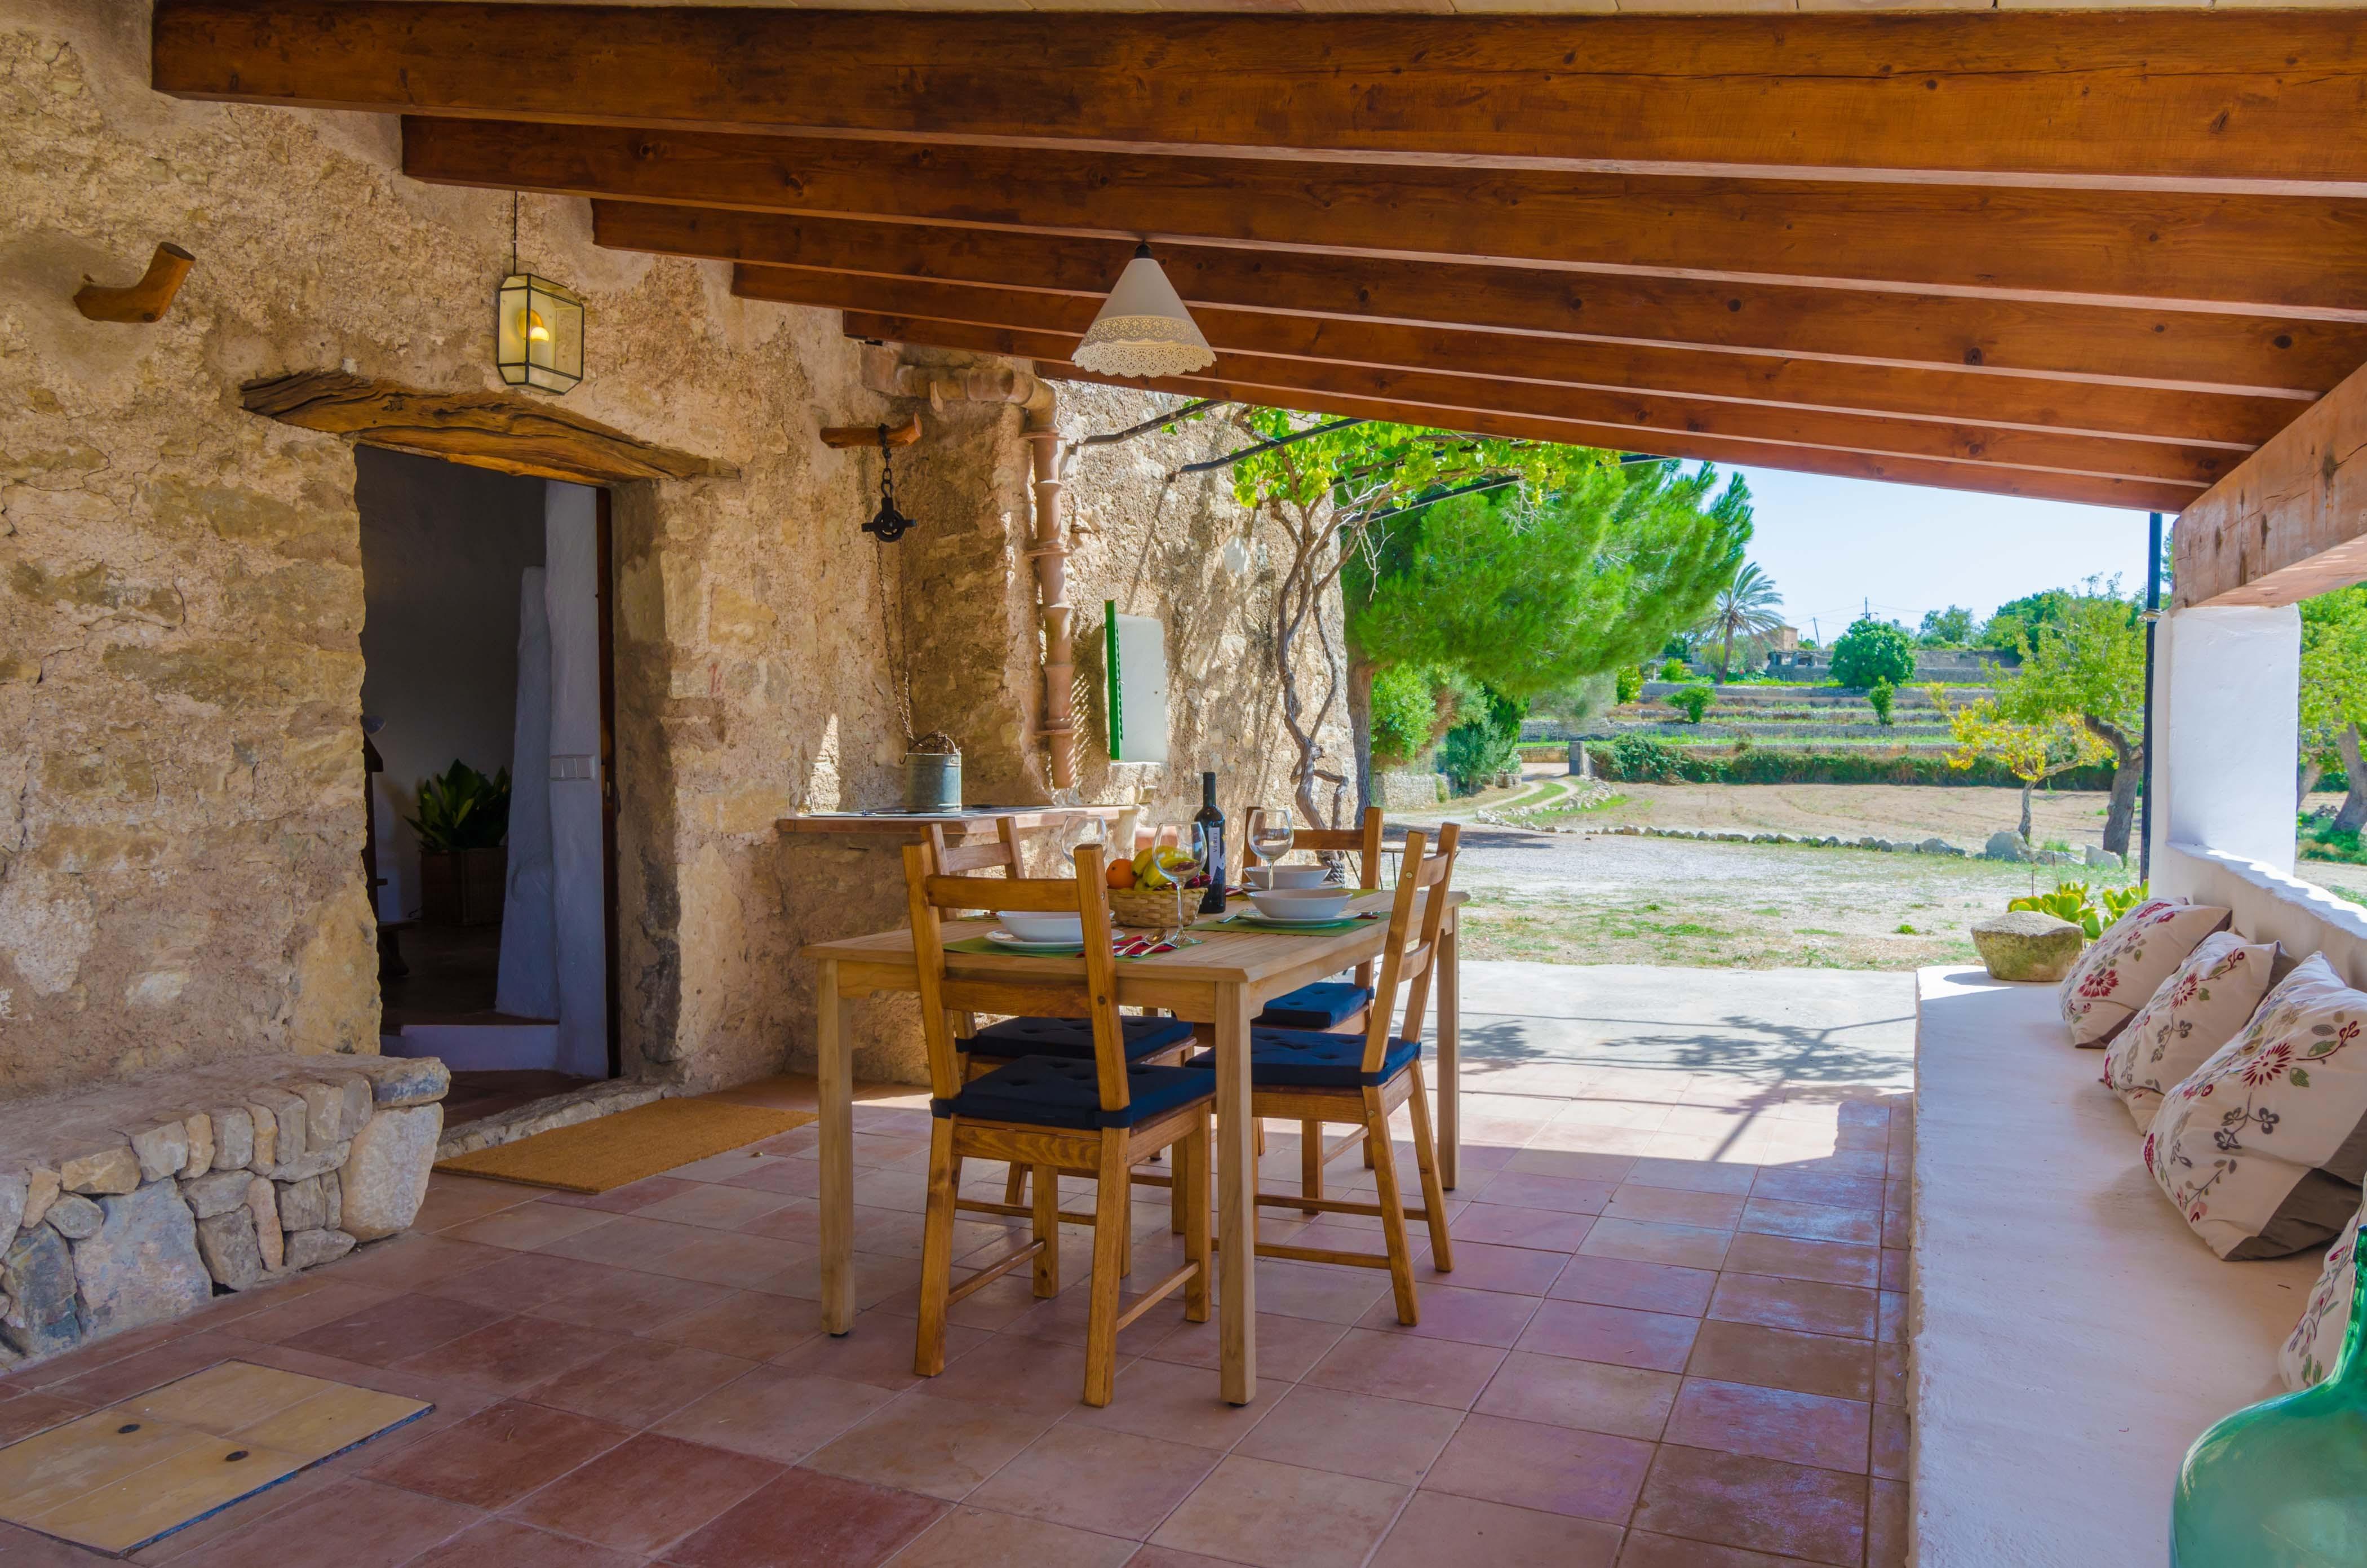 Ferienhaus CAS PORRERENC (2241637), Montuïri, Mallorca, Balearische Inseln, Spanien, Bild 8